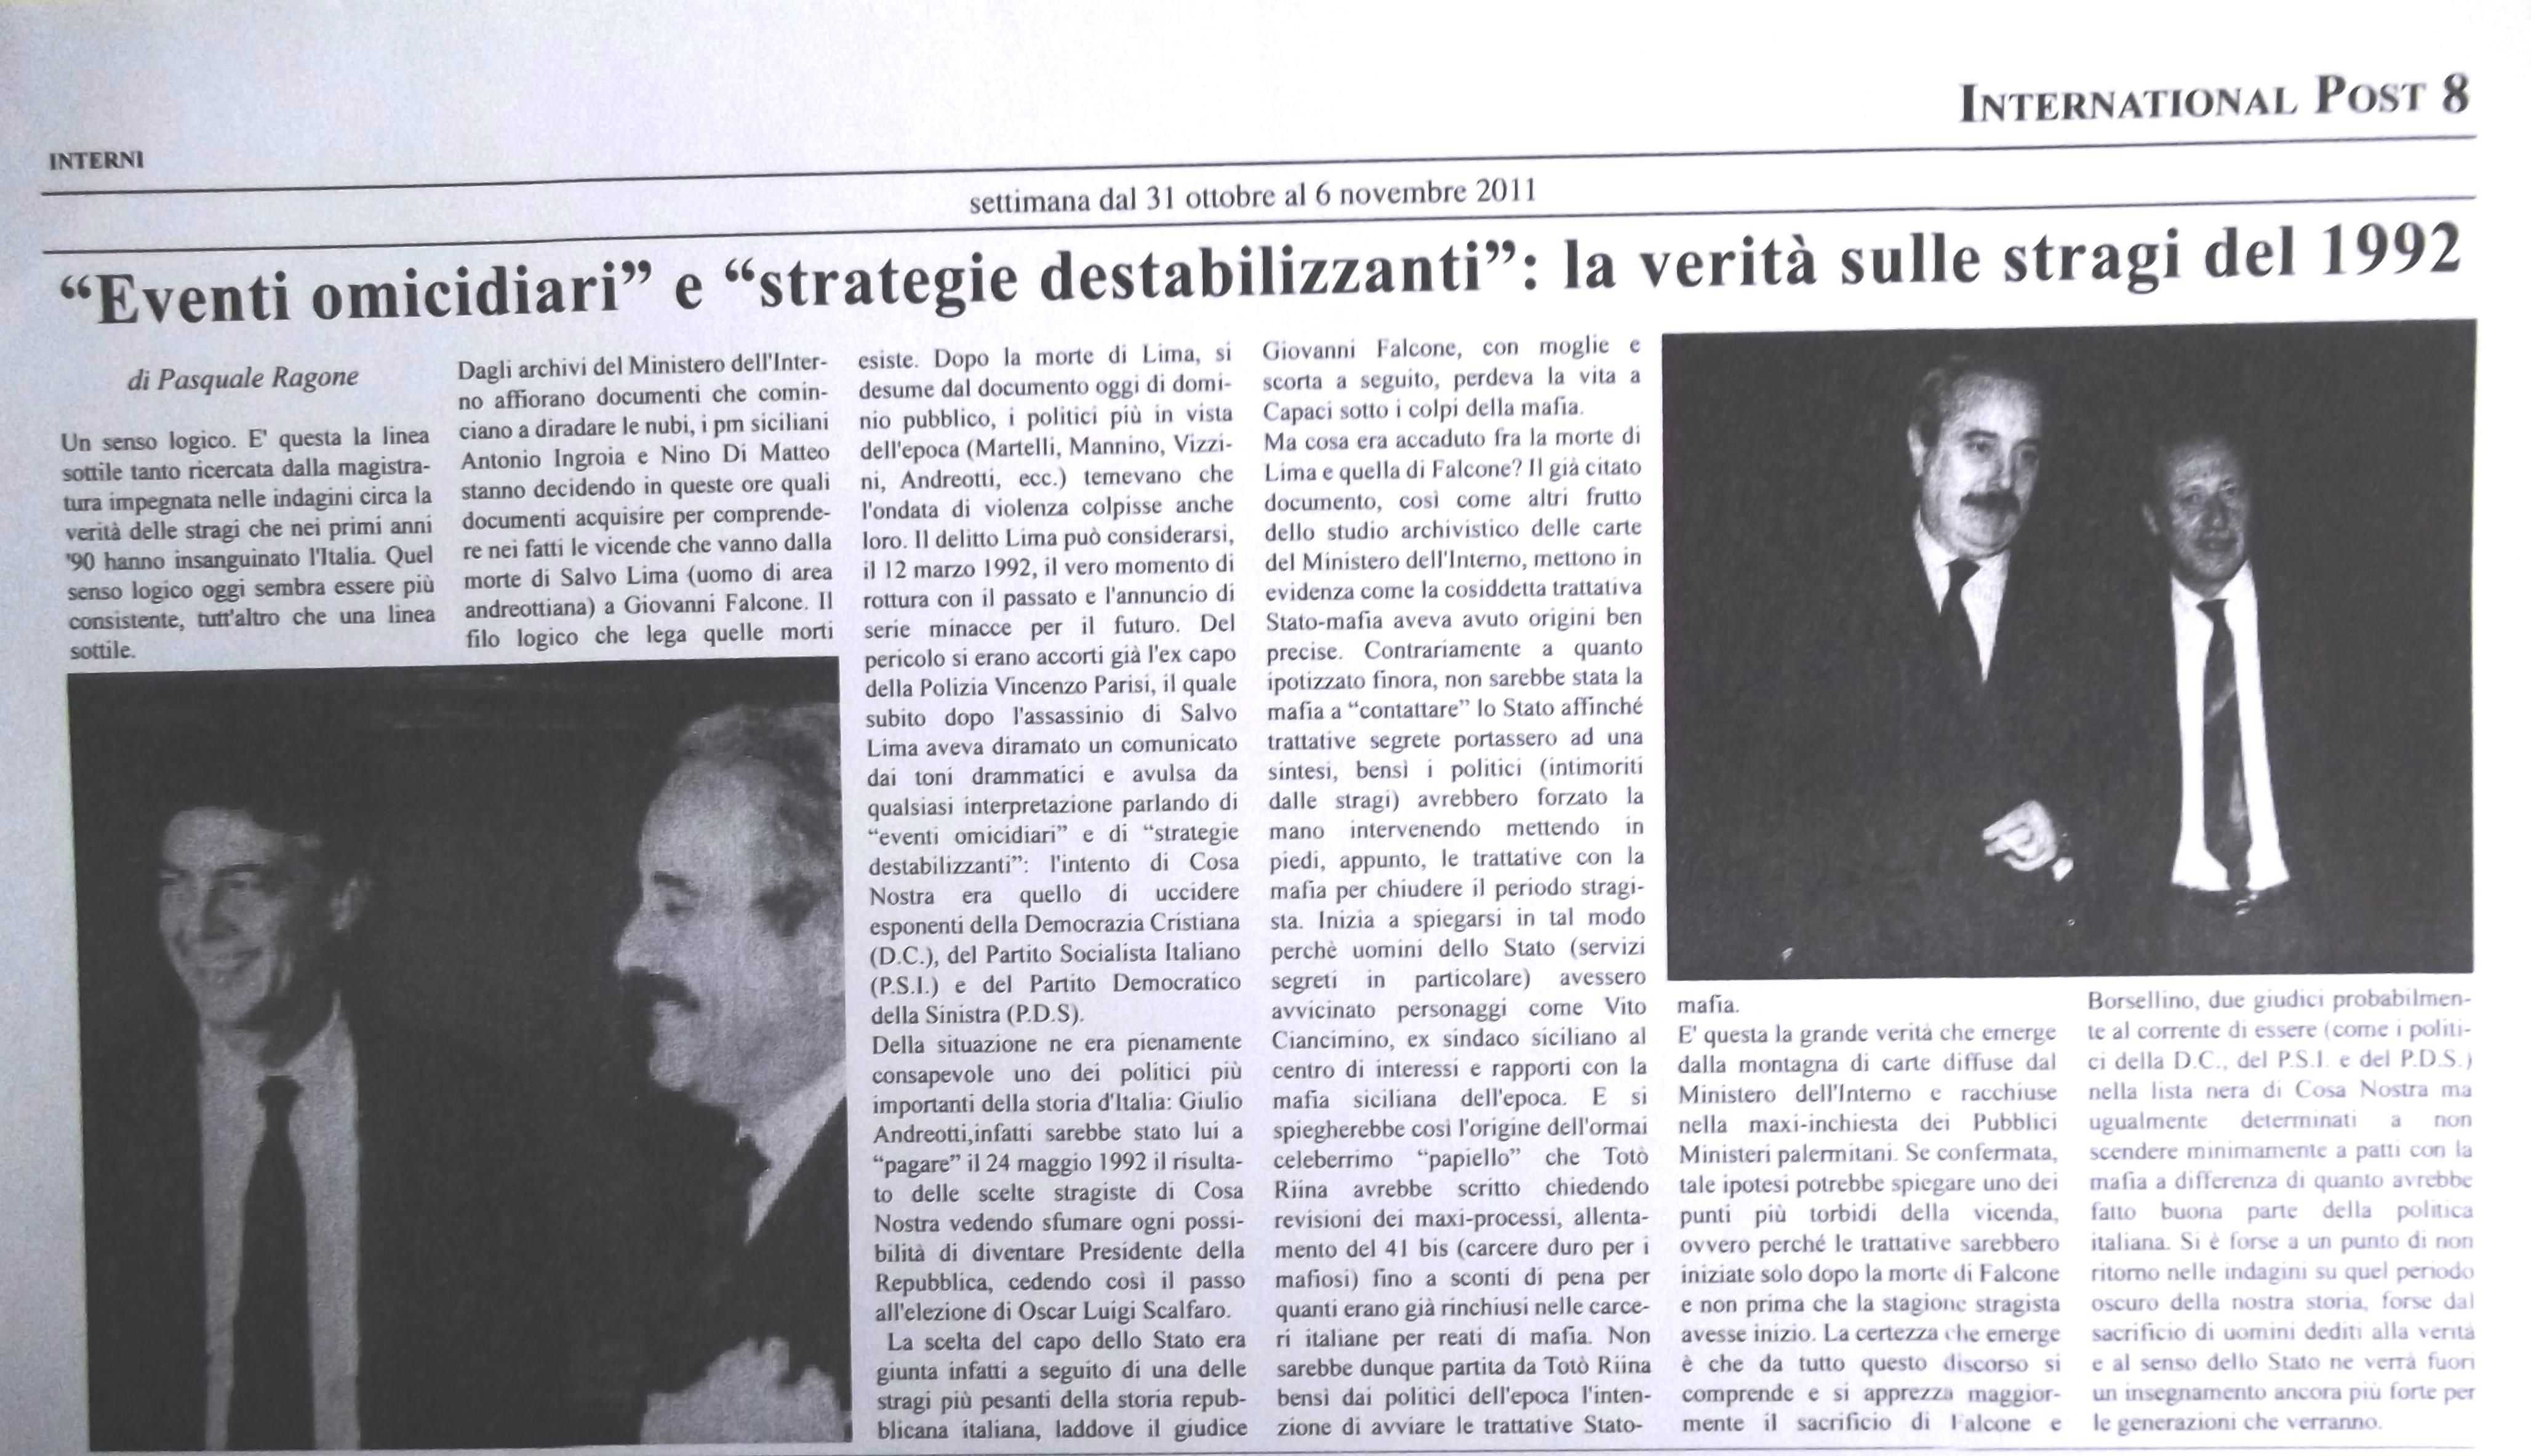 Eventi omicidiari, la verità sulle stragi Falcone e Borsellino